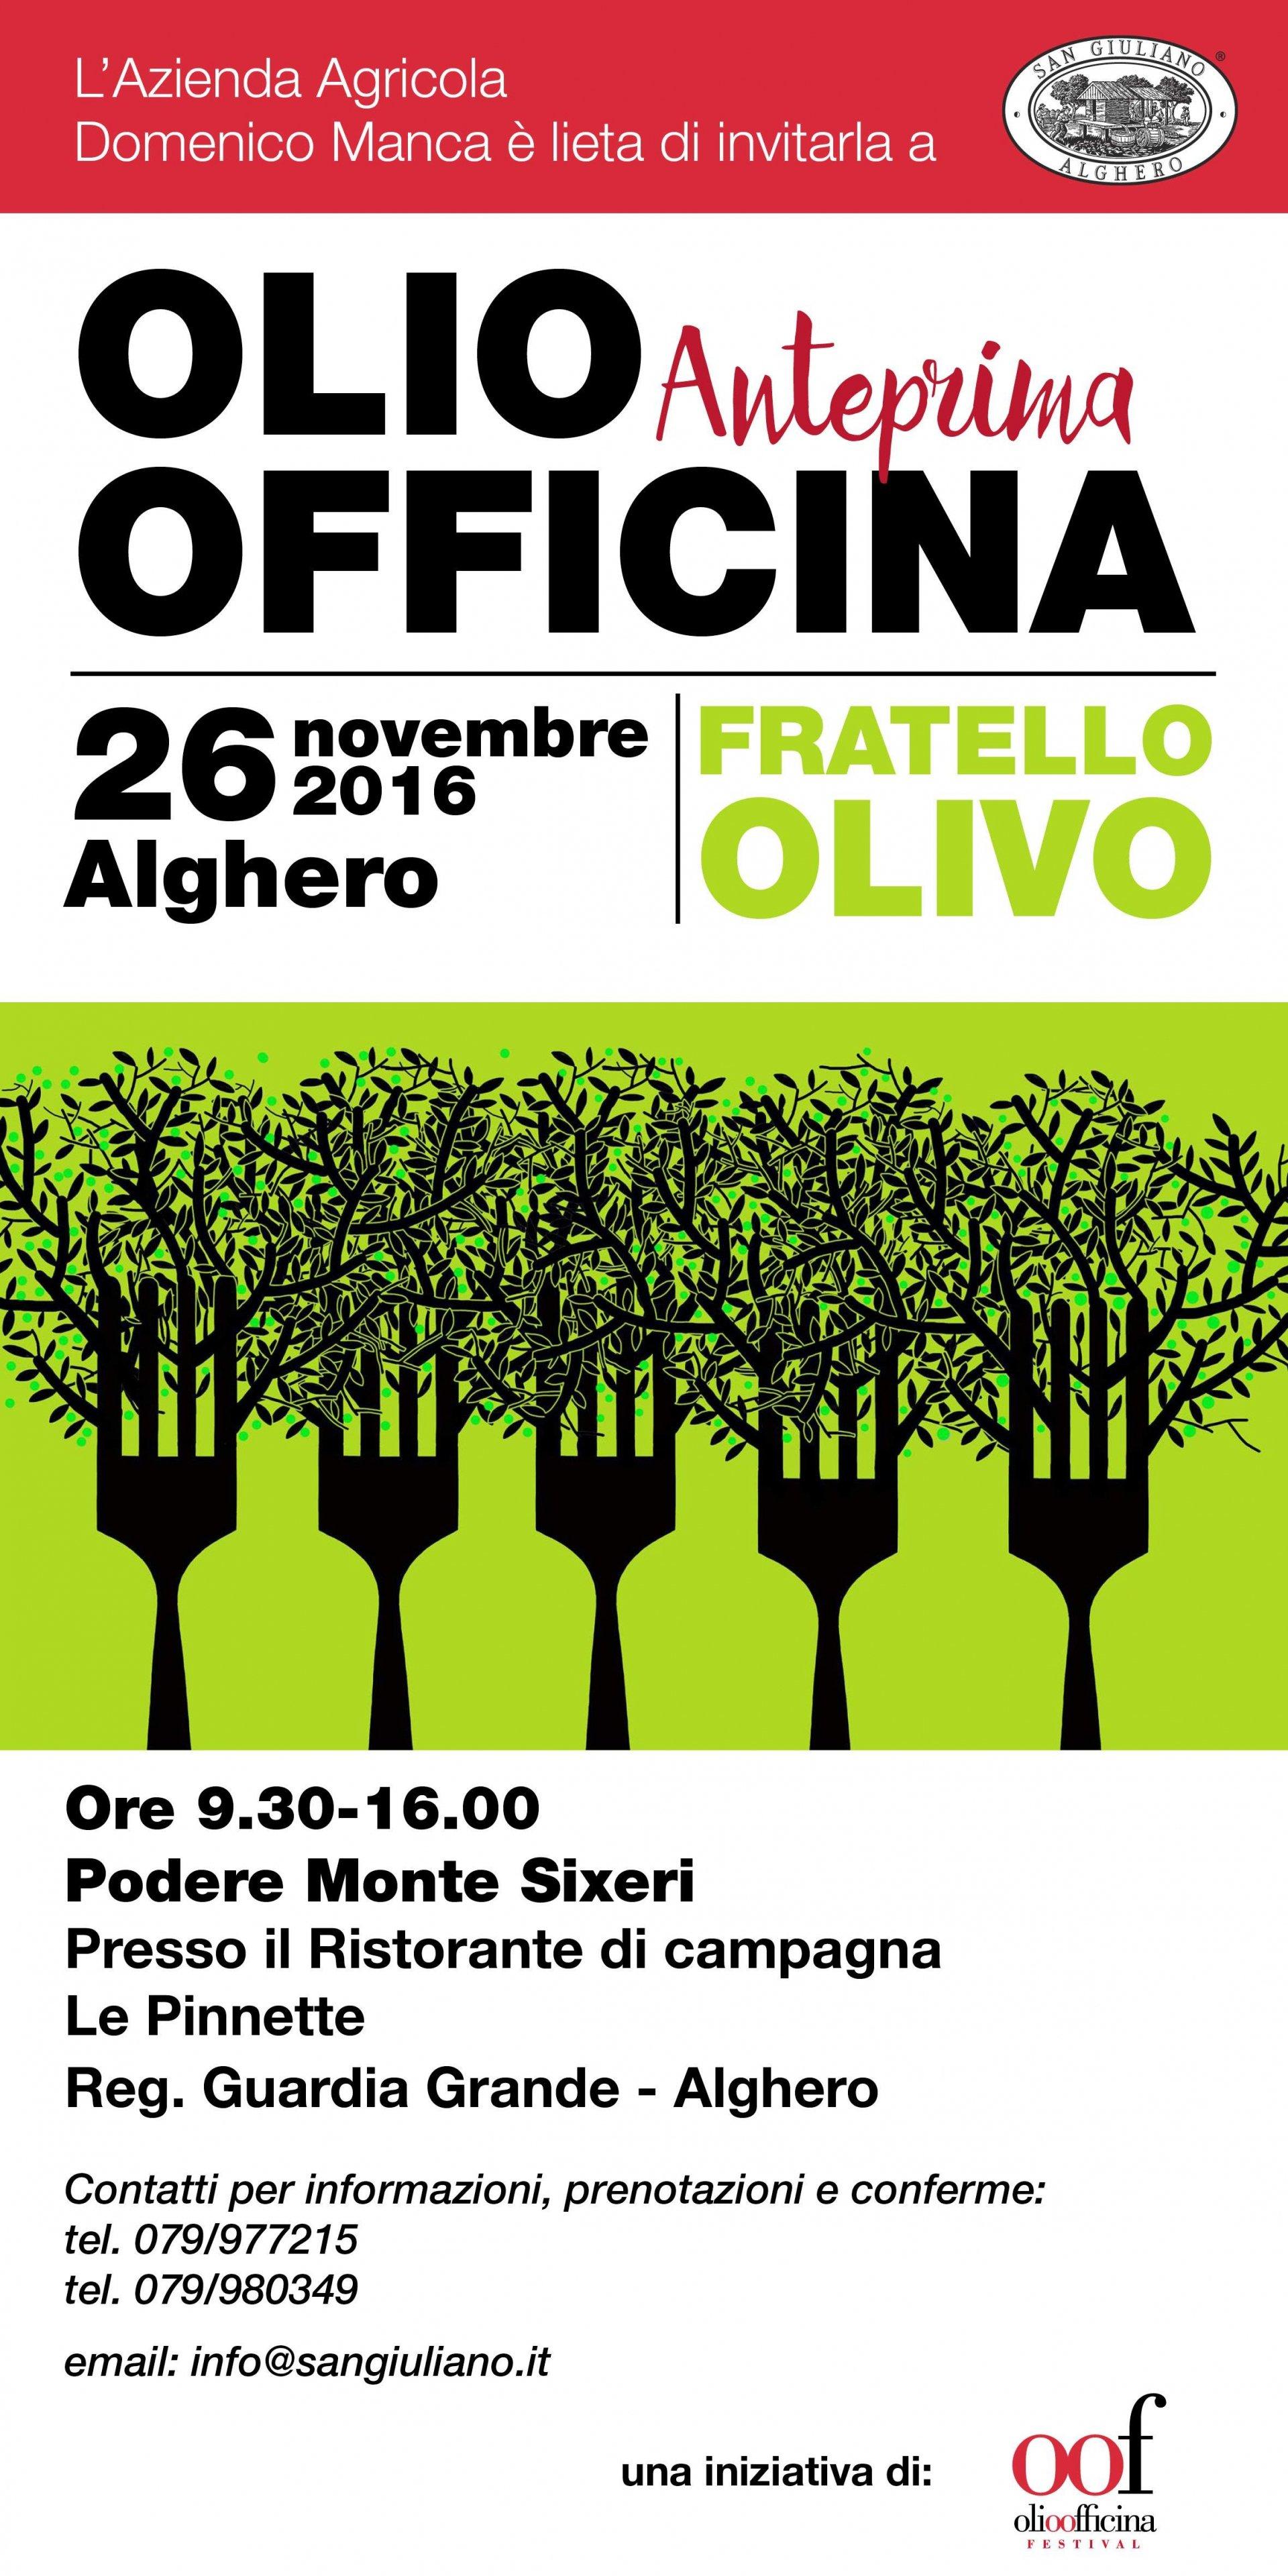 Alghero, San Giuliano: anche una cena oliocentrica a Olio Officina Anteprima